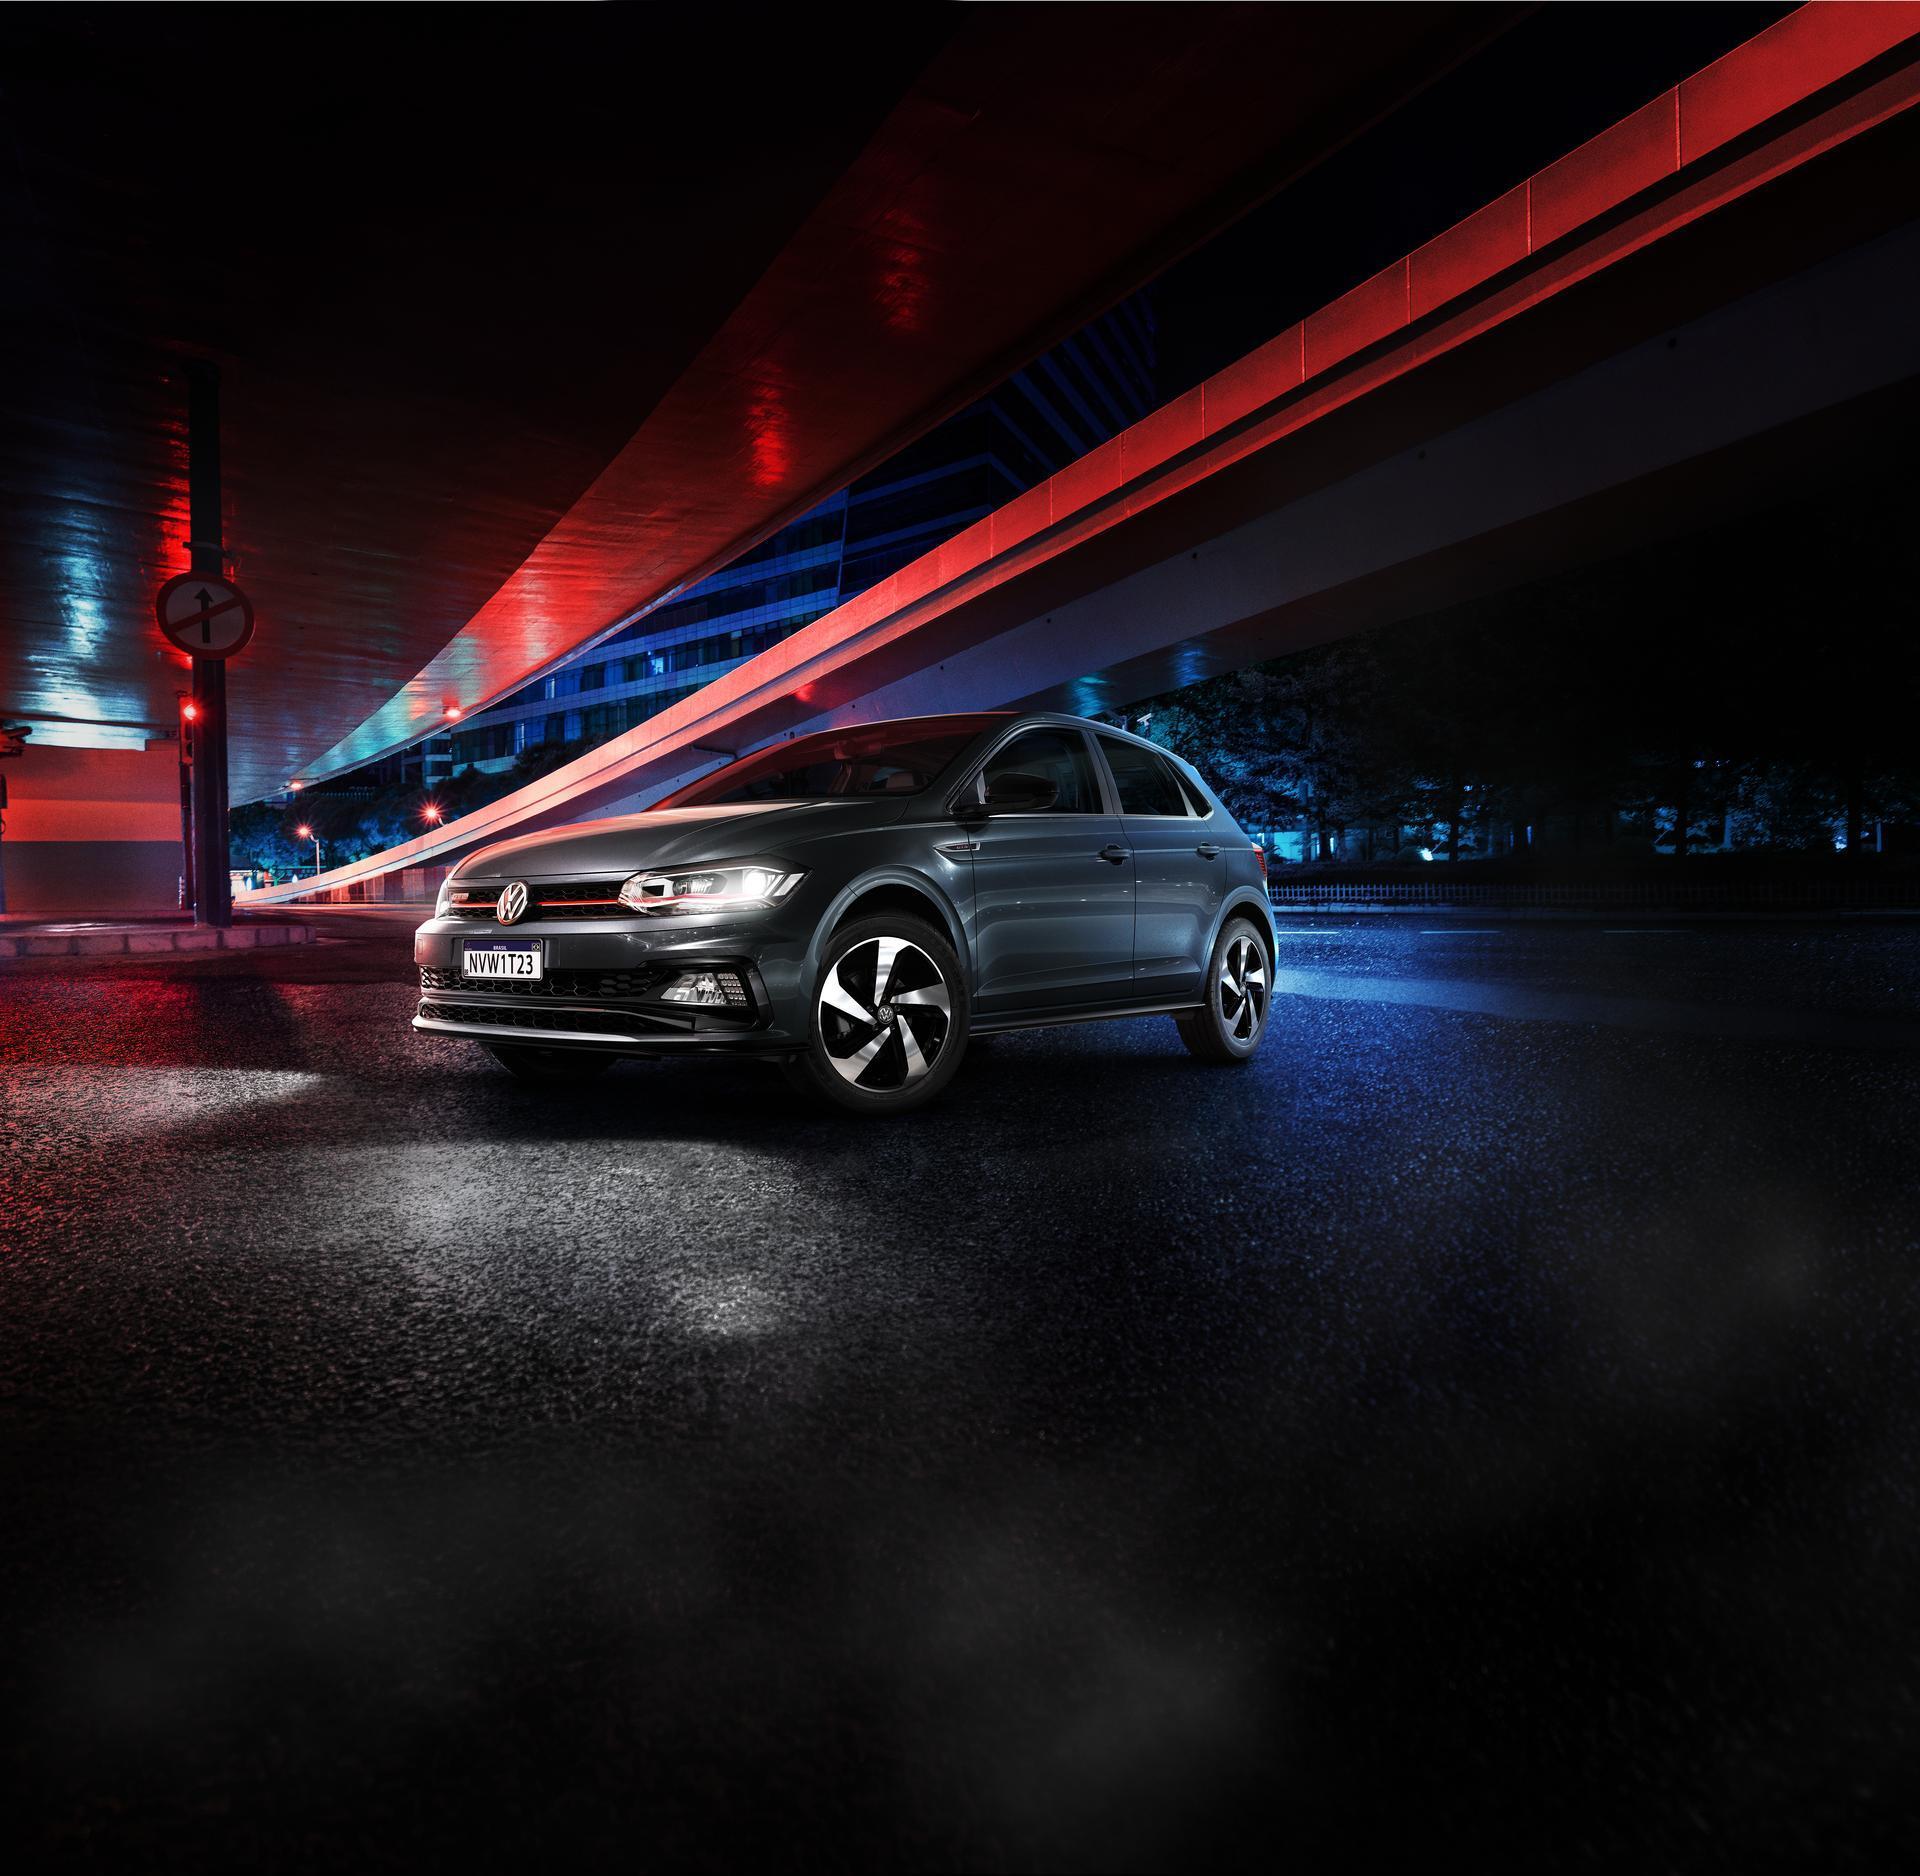 Linha GTS Volkswagen: conheça os diferenciais da versão esportiva do Novo Polo e do Virtus